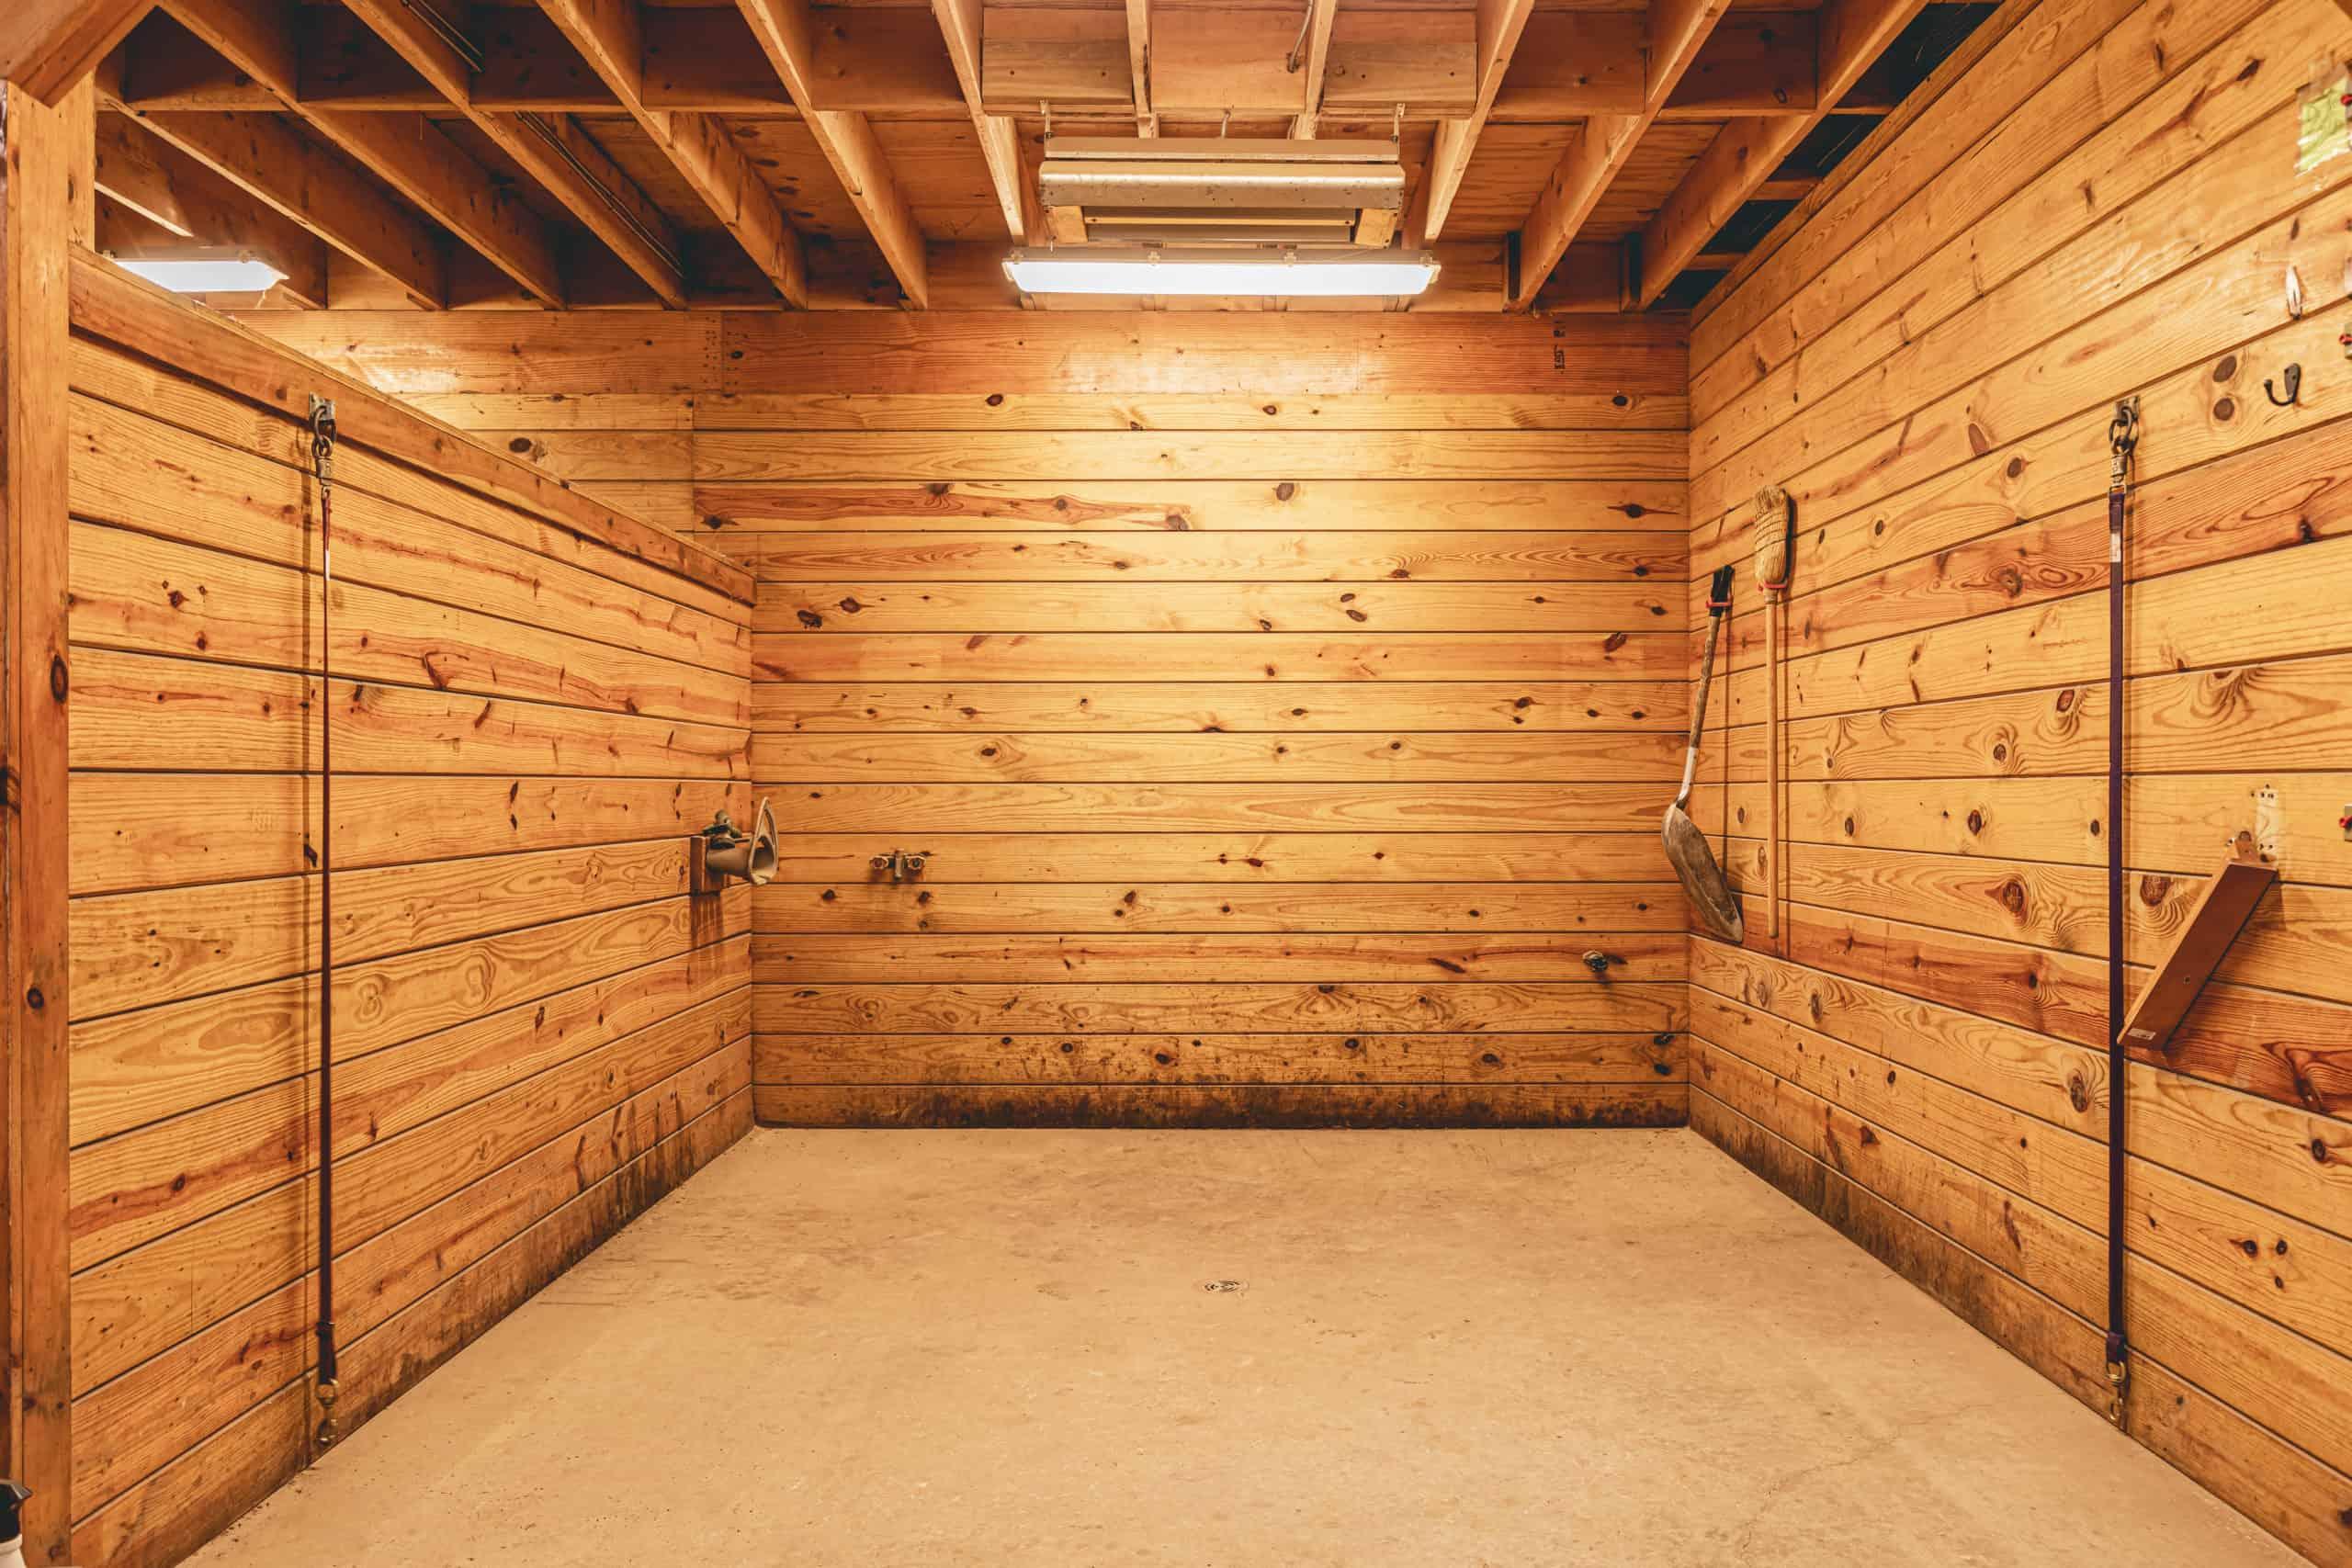 horse barn wash stall